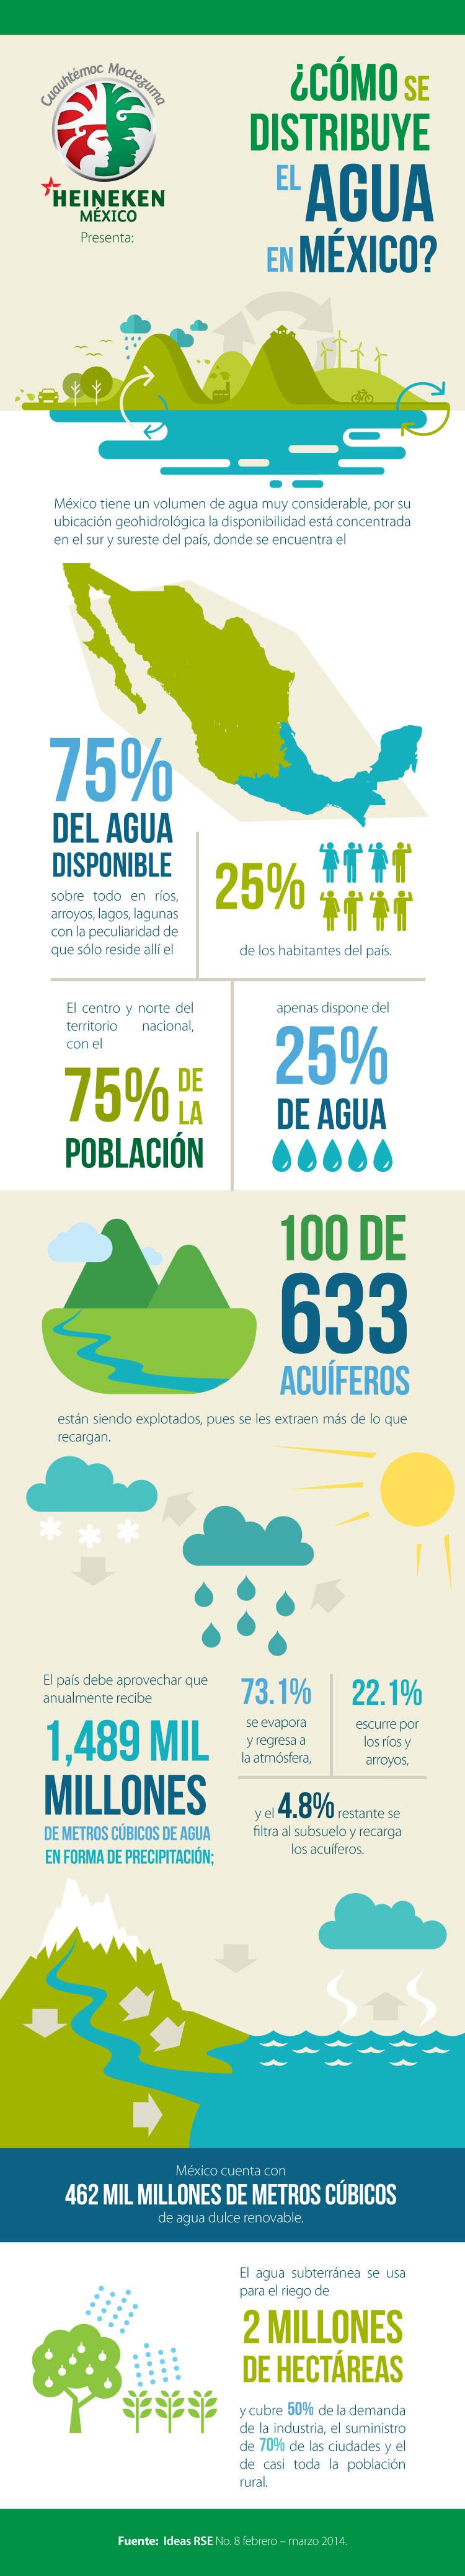 ¿Cómo se distribuye el agua en México? | Columna de Cuauhtémoc Moctezuma. http://www.expoknews.com/como-se-distribuye-el-agua-en-mexico/